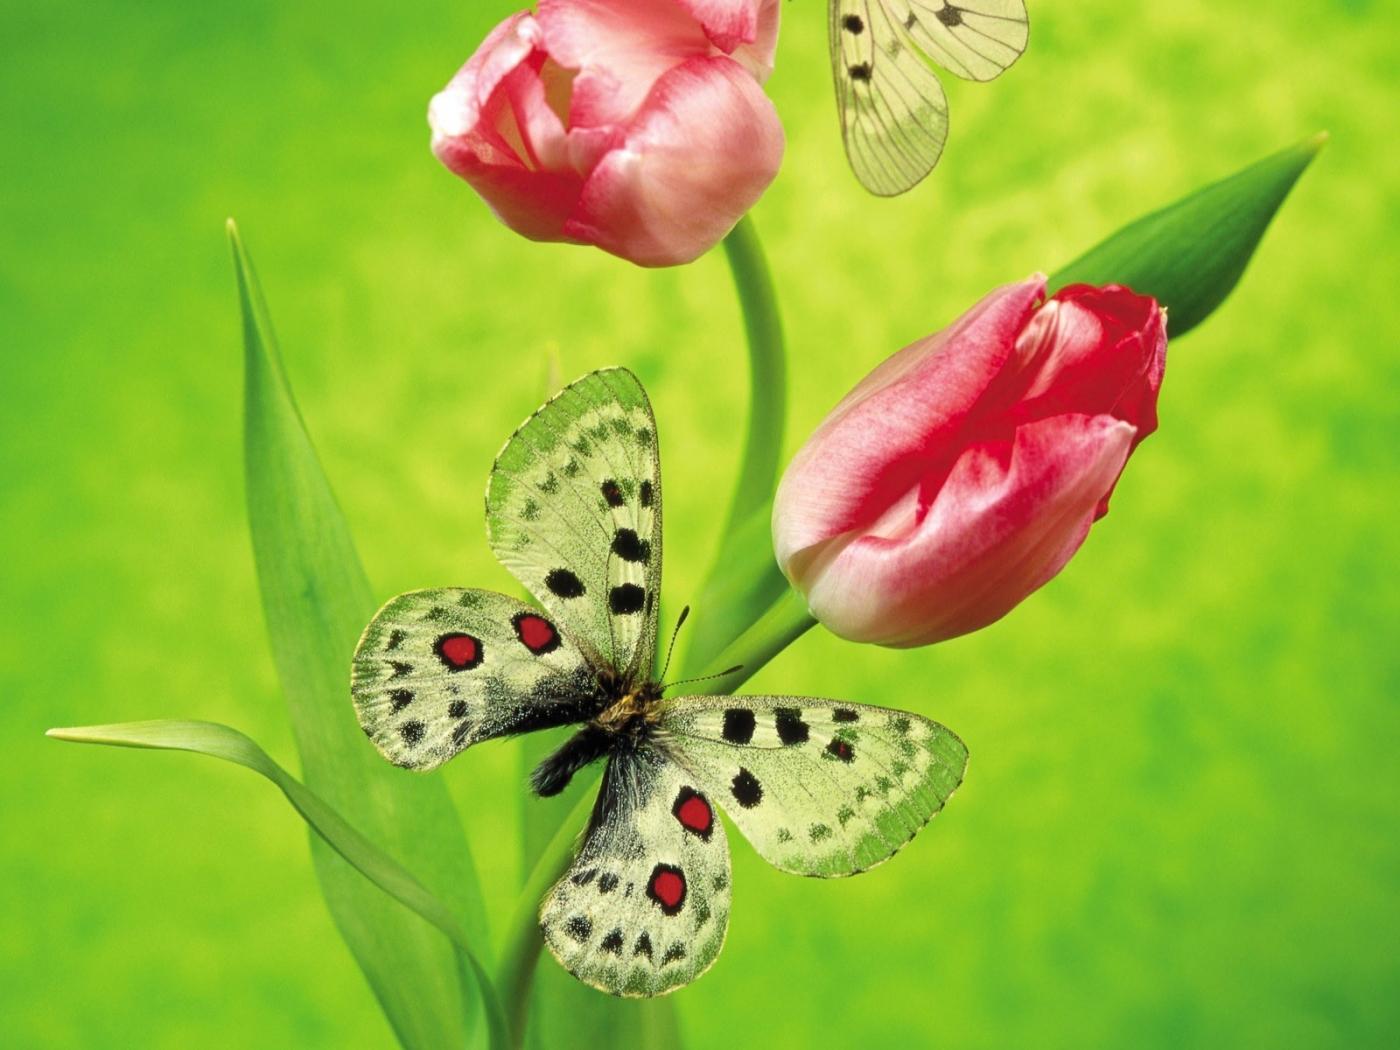 Скачать картинку Бабочки, Насекомые в телефон бесплатно.